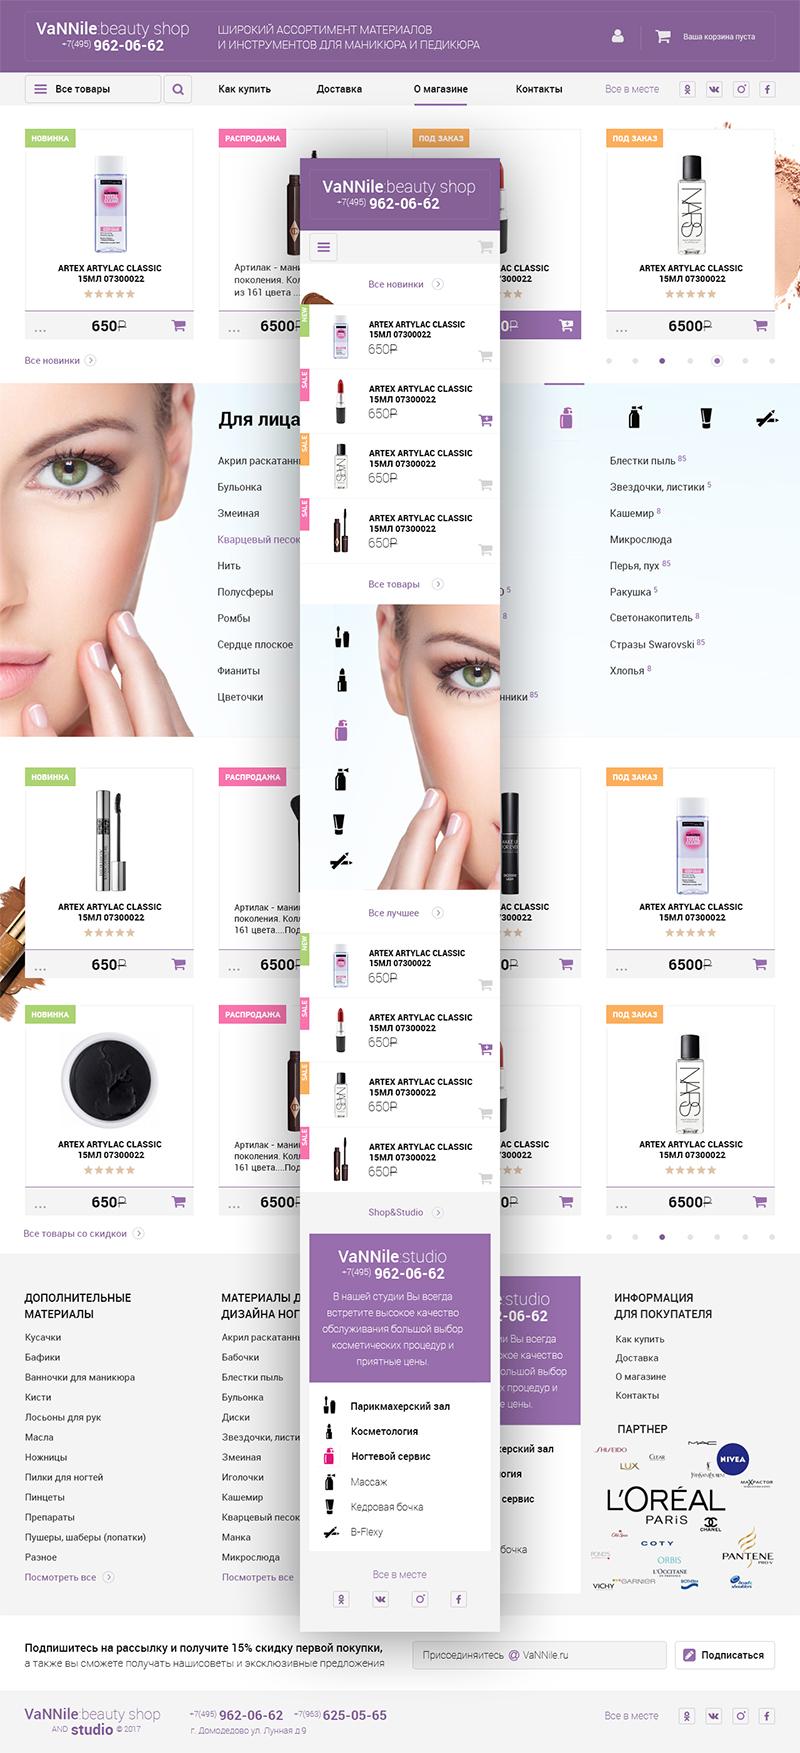 Адаптивный дизайн интернет-магазина -  Косметики VaNNile:beauty shop